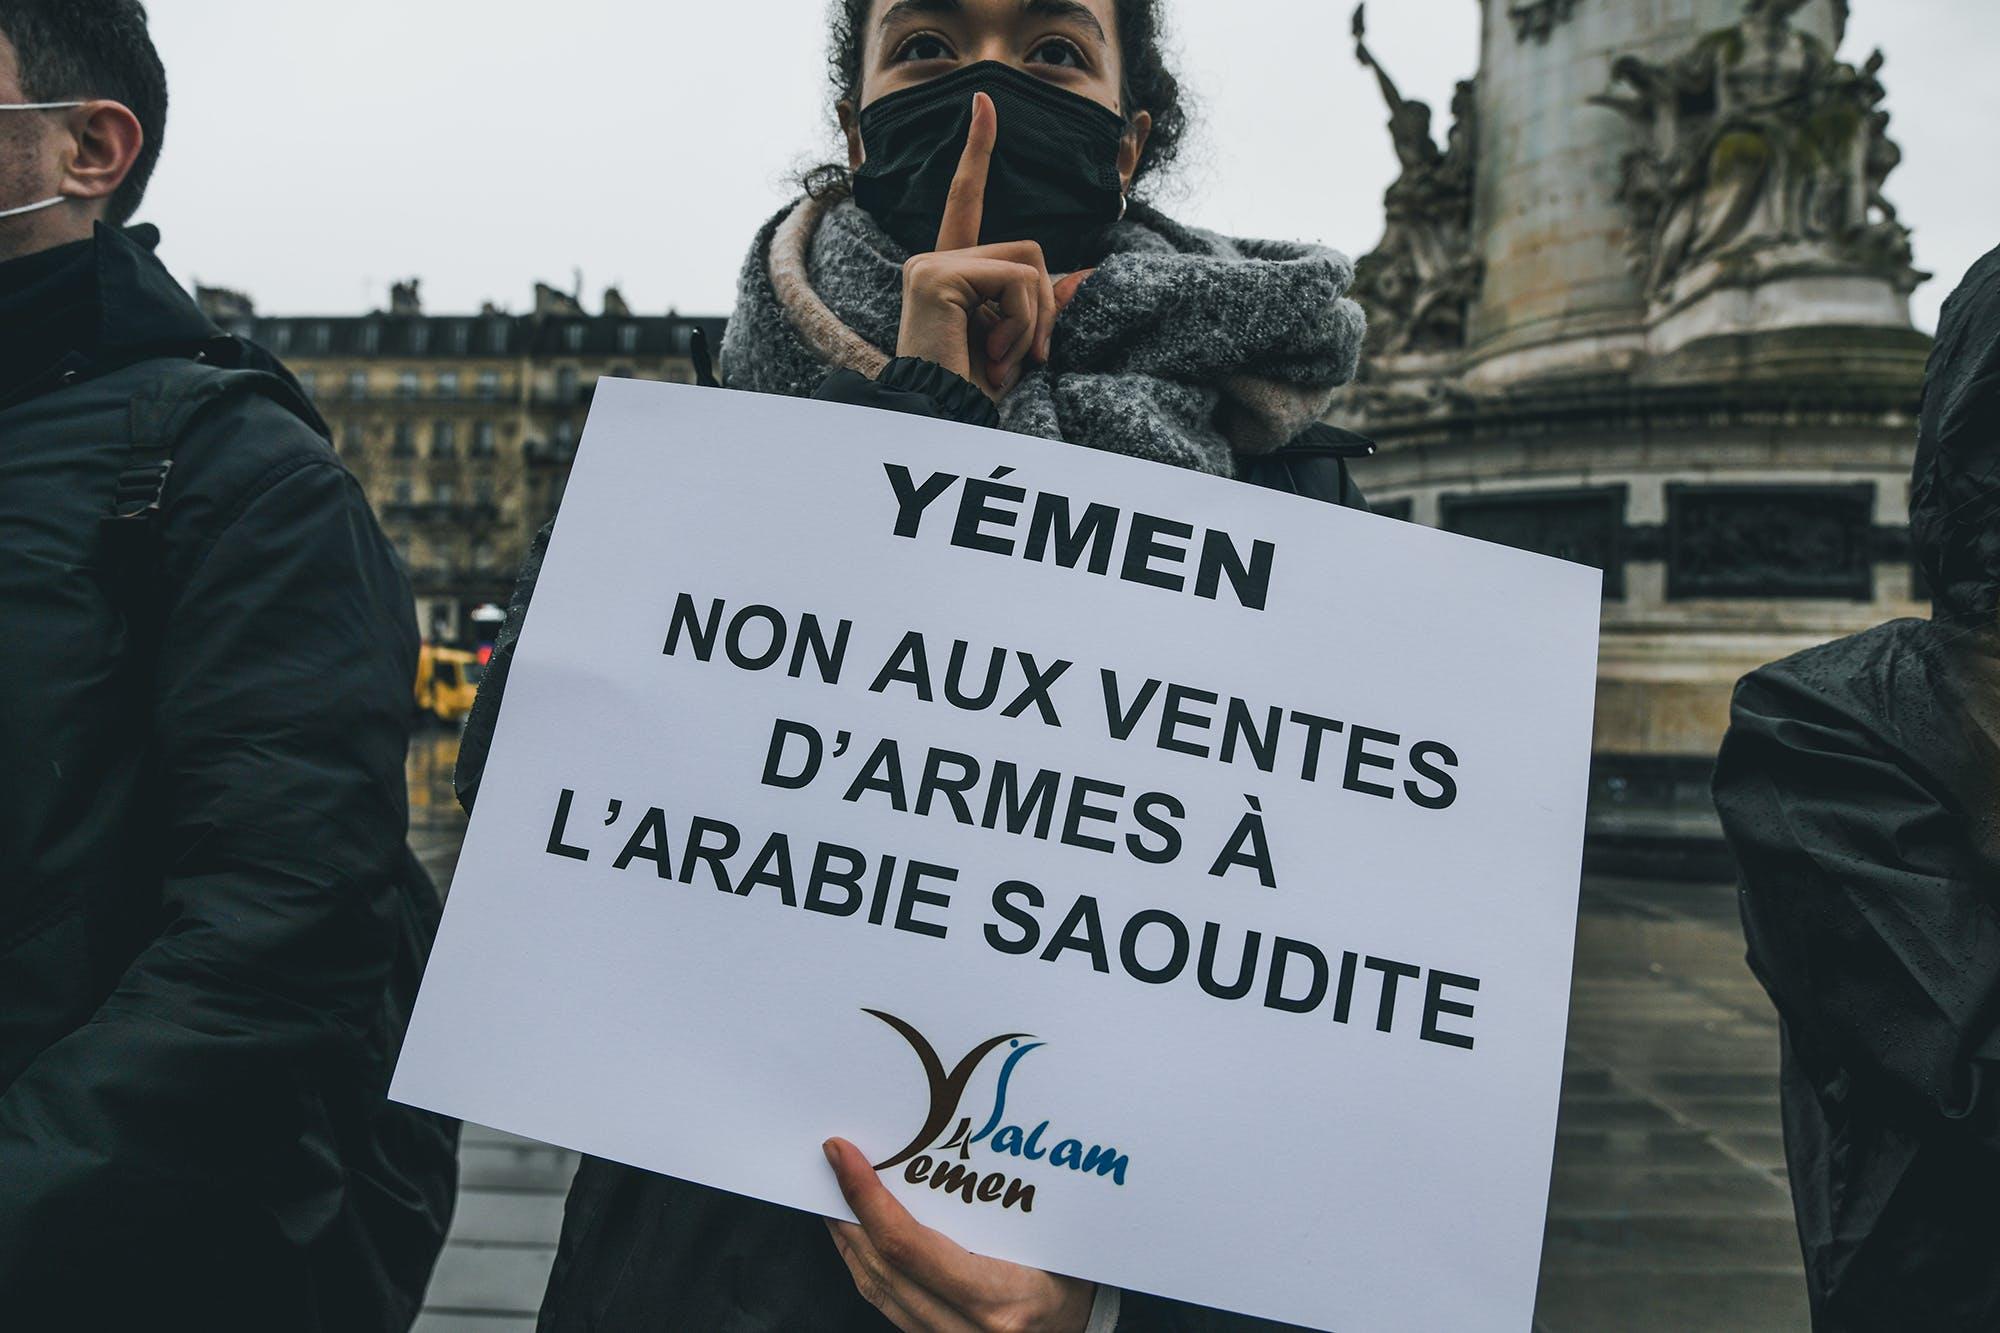 Mobilisation de nos militants sur la place de la République à Paris pour dénoncer les ventes d'armes illégales de la France